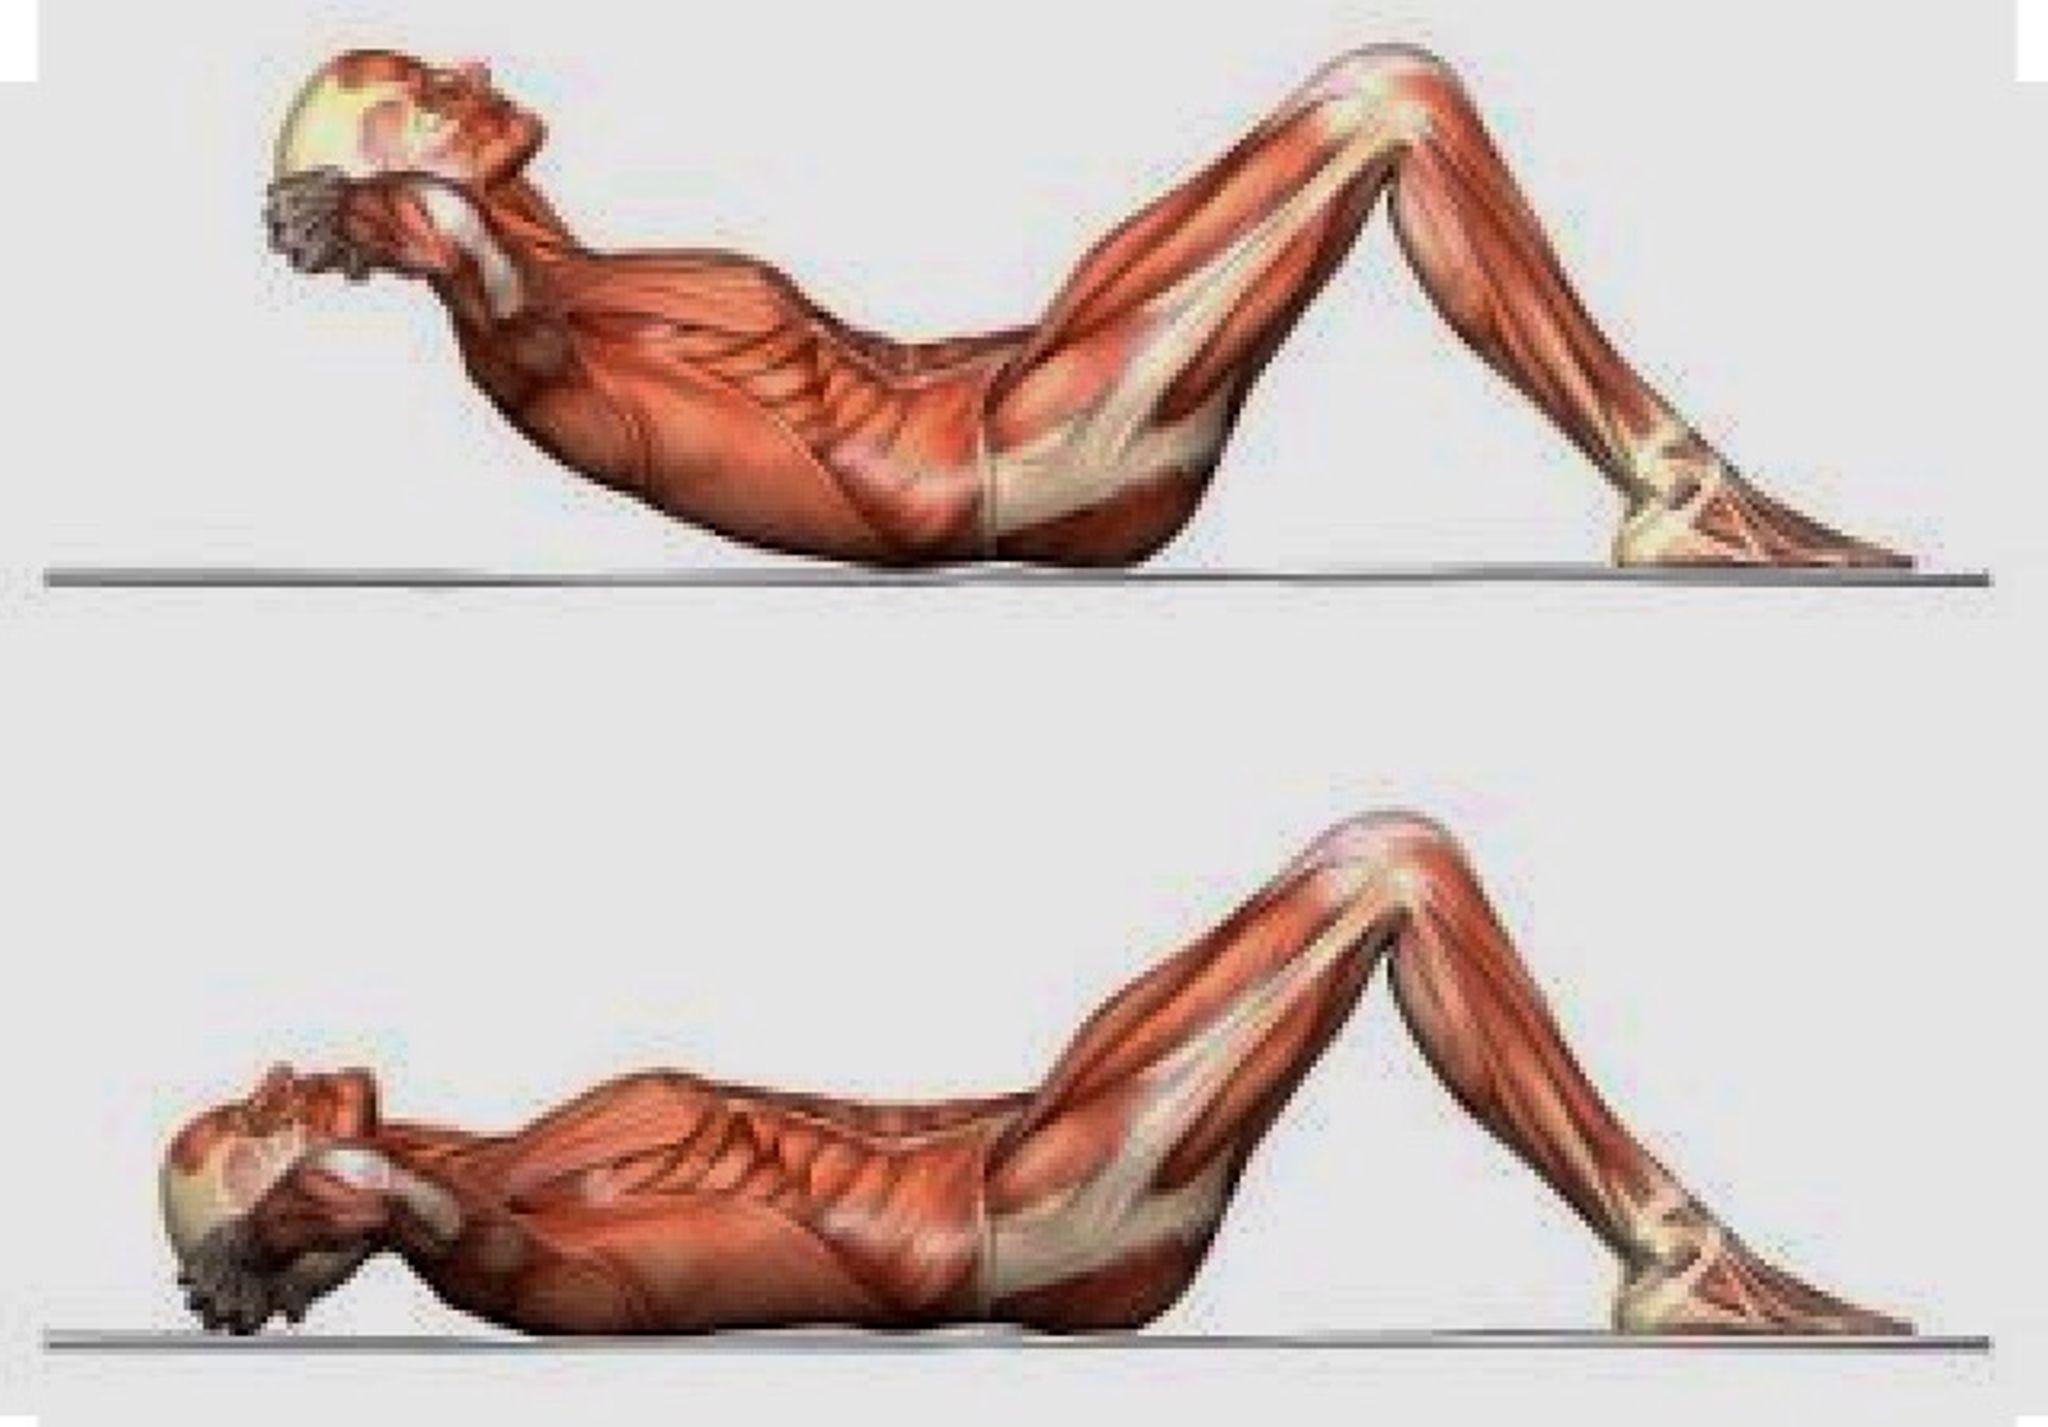 Как сделать подъем туловища с пола на ноги